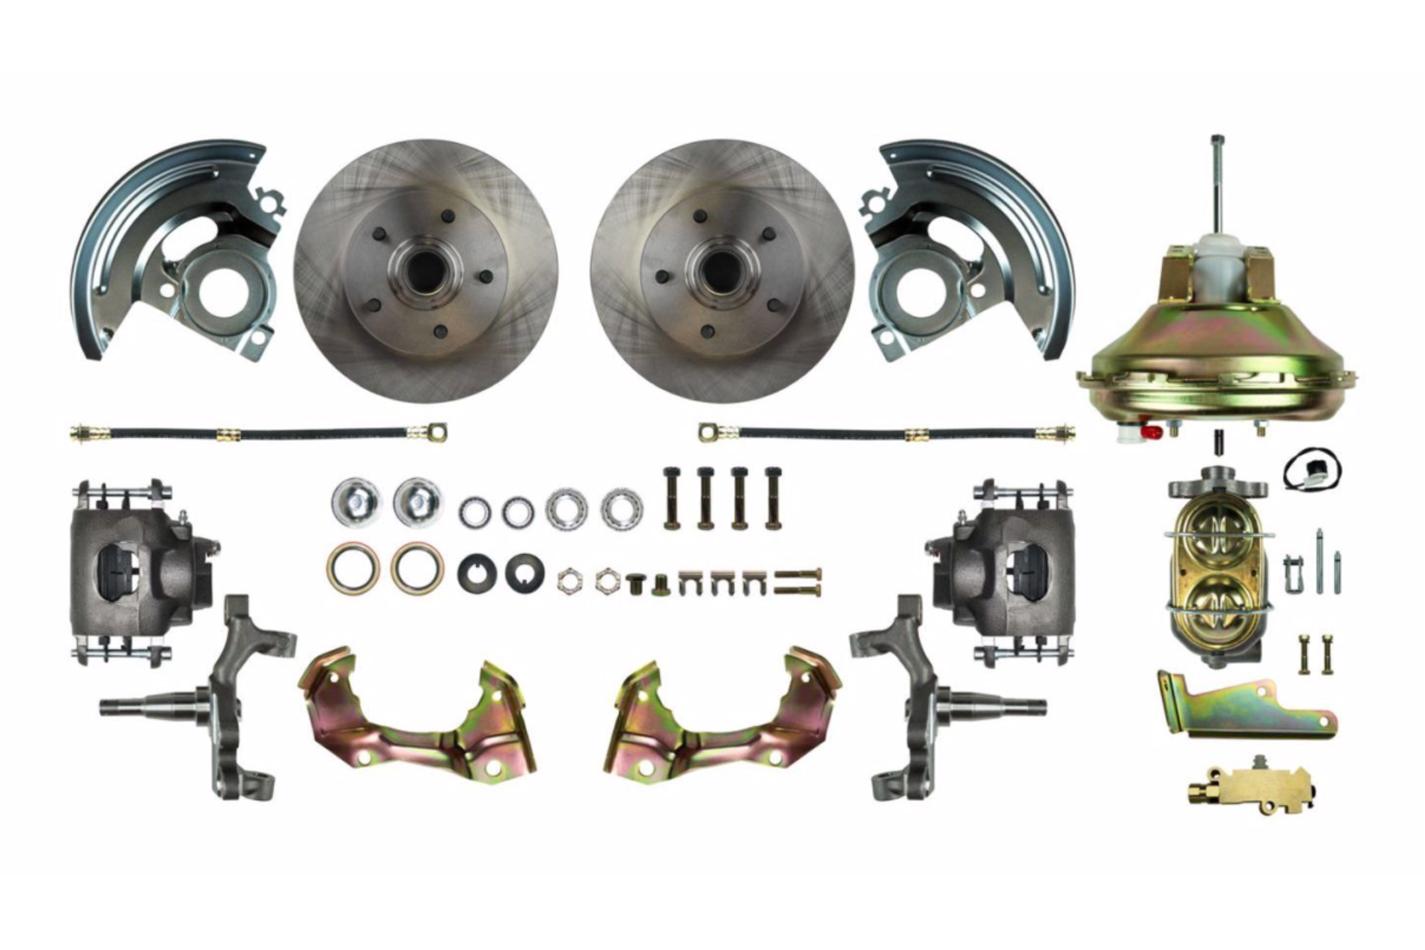 Rear Disc Brake Conversi on Kit w/Parking Brake